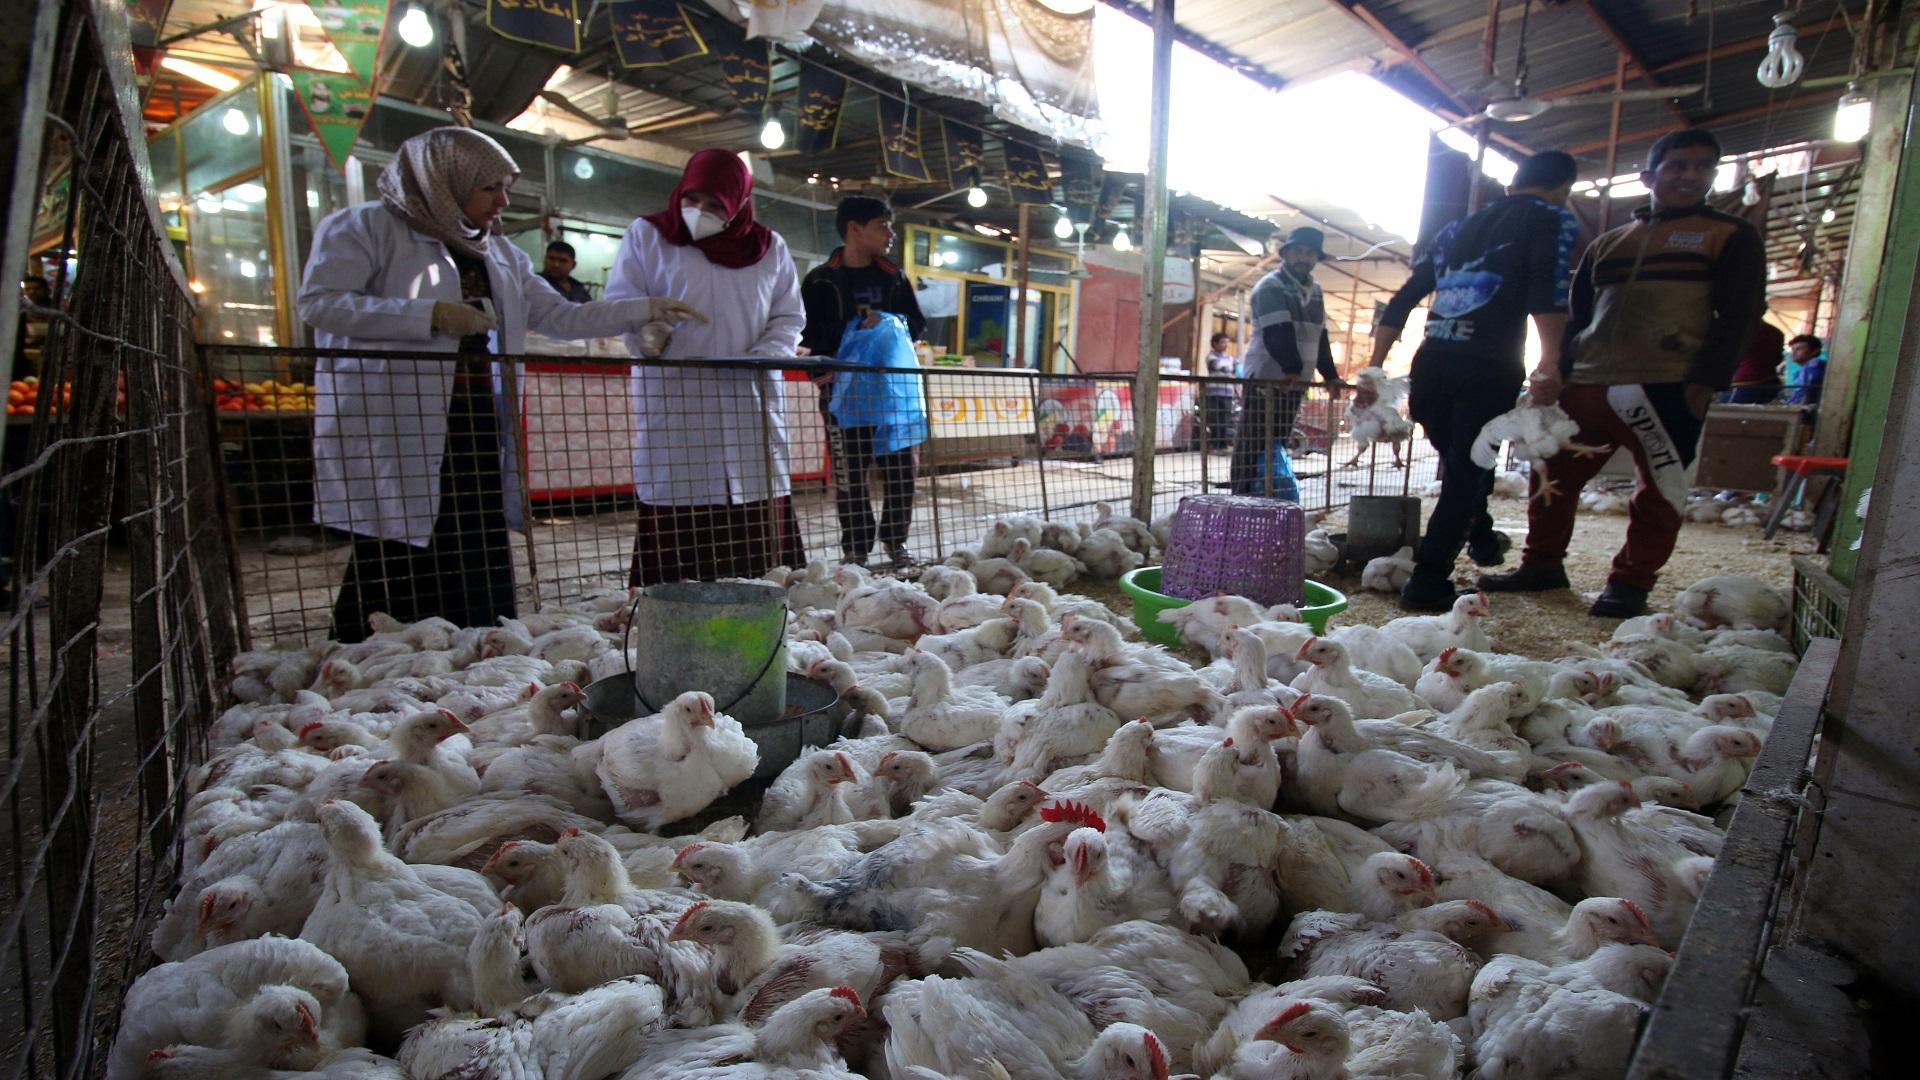 الزراعة تؤكد احتواء بؤرة الإصابة بمرض أنفلونزا الطيور وتدعو لحظر استيراد الدجاج